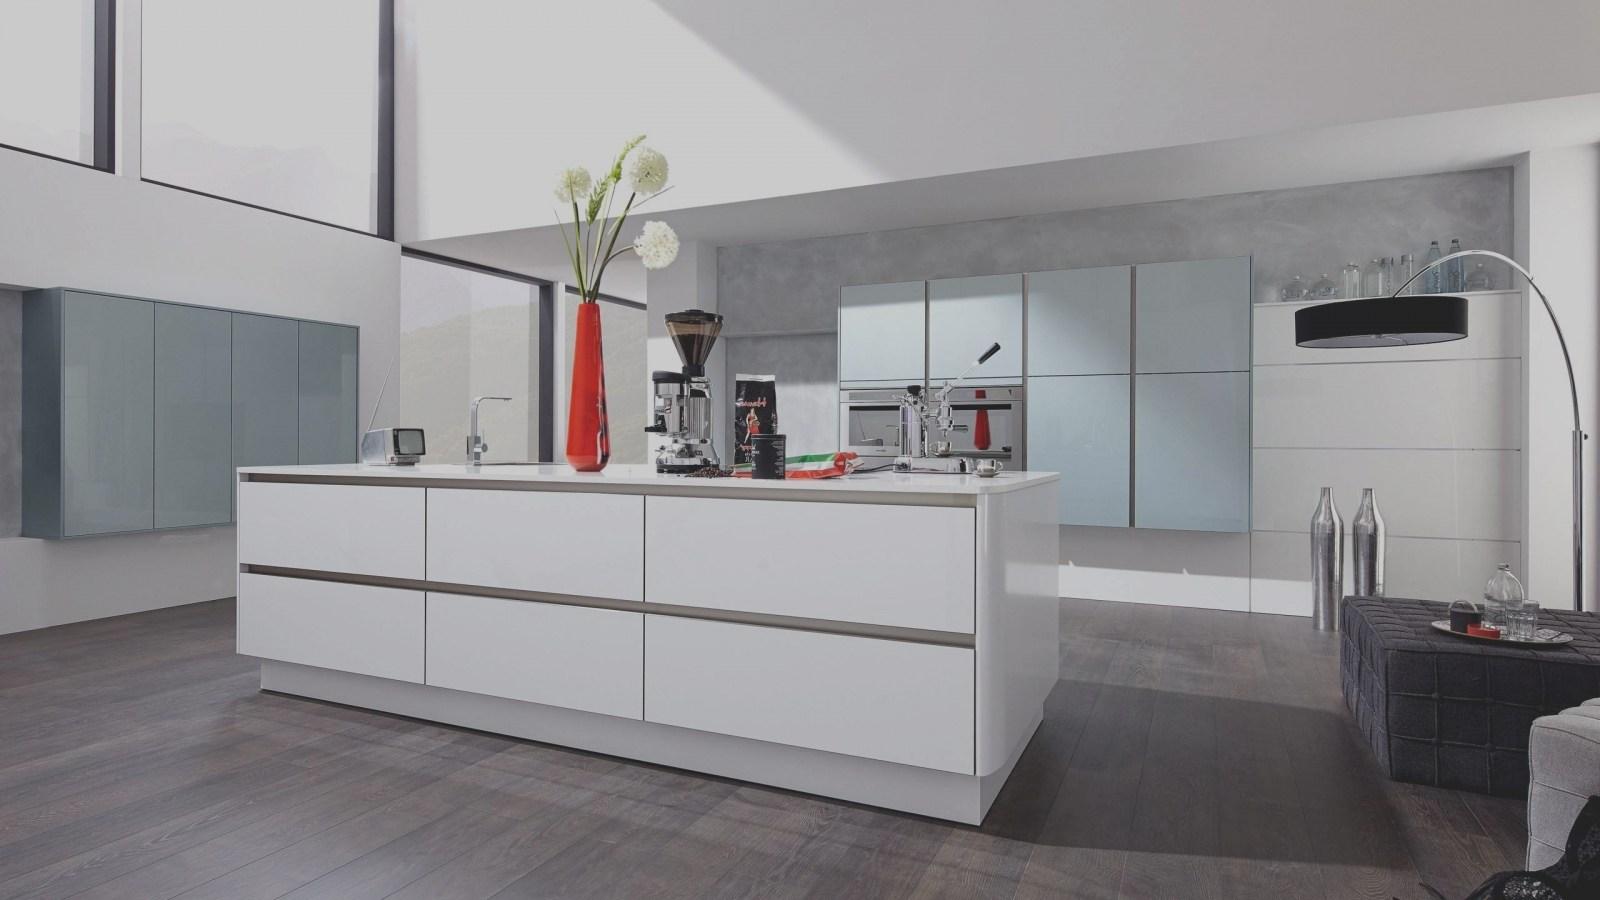 Full Size of Single Küche Zu Verschenken Single Küche Komplett Single Küche Gebraucht Single Küche Mit Kühlschrank Küche Single Küche